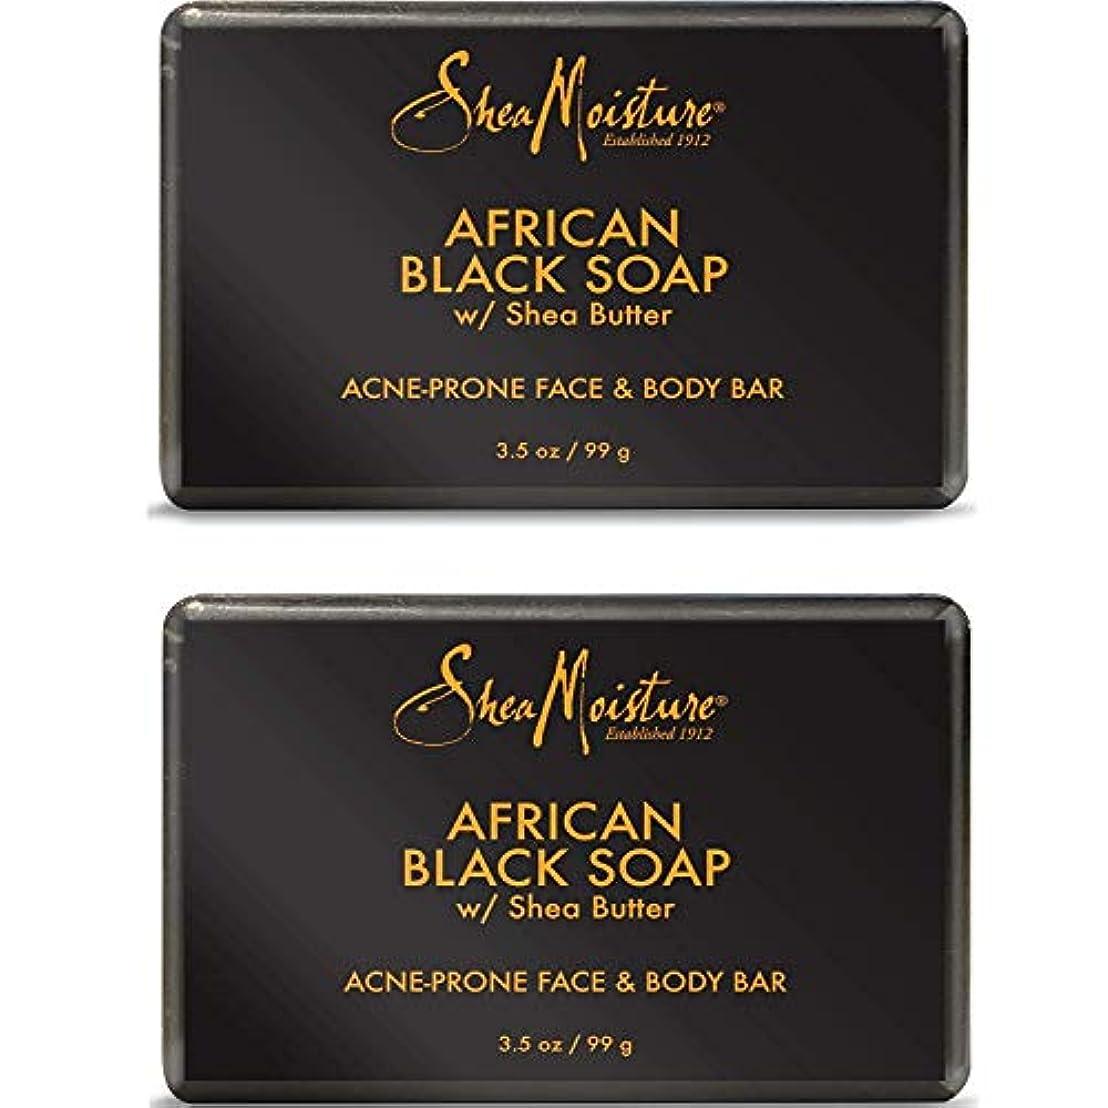 おびえた精査付録Shea Moisture アフリカンブラックソープバー、3.5オズ、2パック 2パック